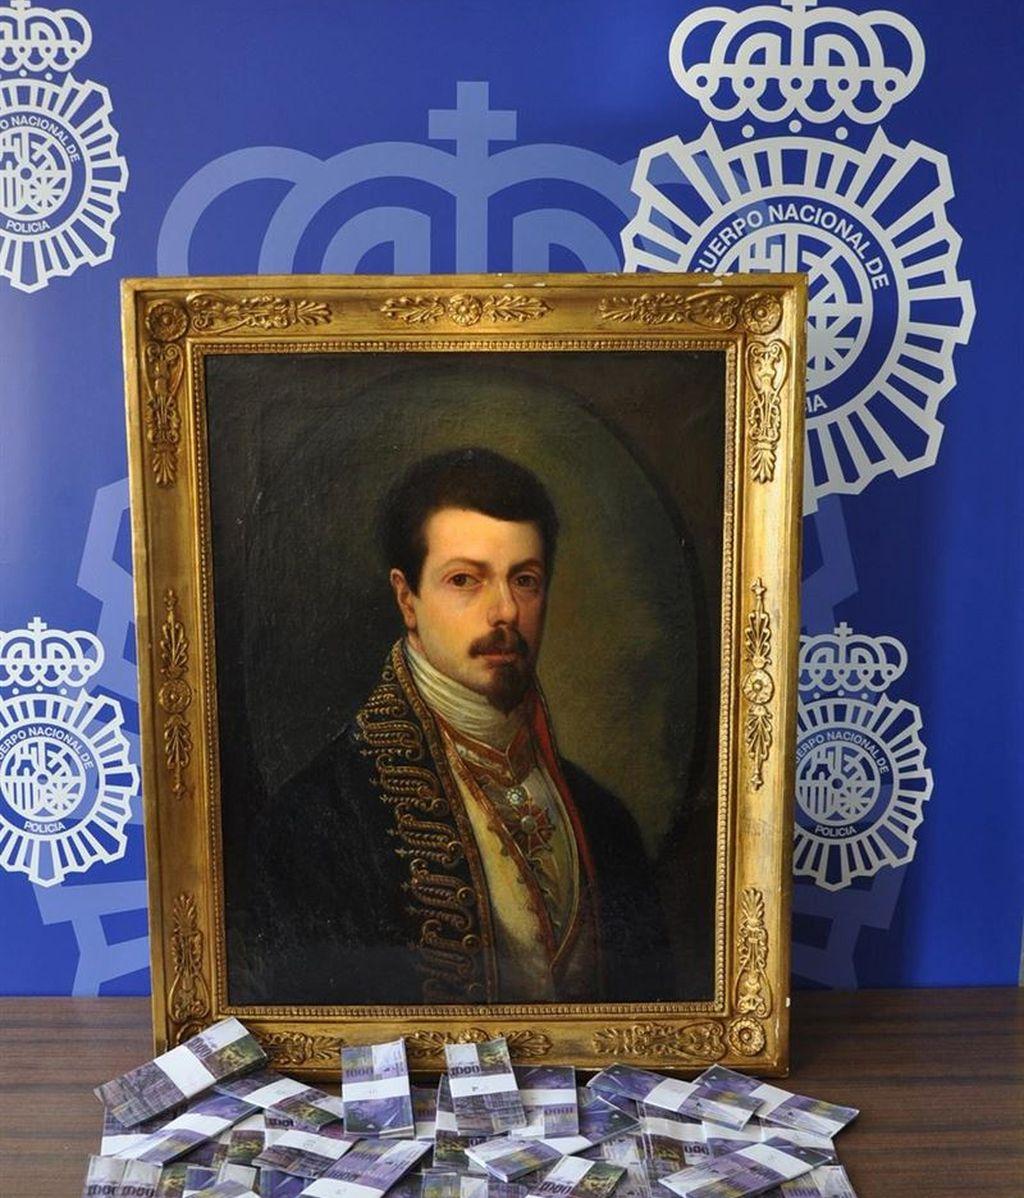 Estafados cuando intentaban vender un falso Goya a un jeque árabe por cuatro millones